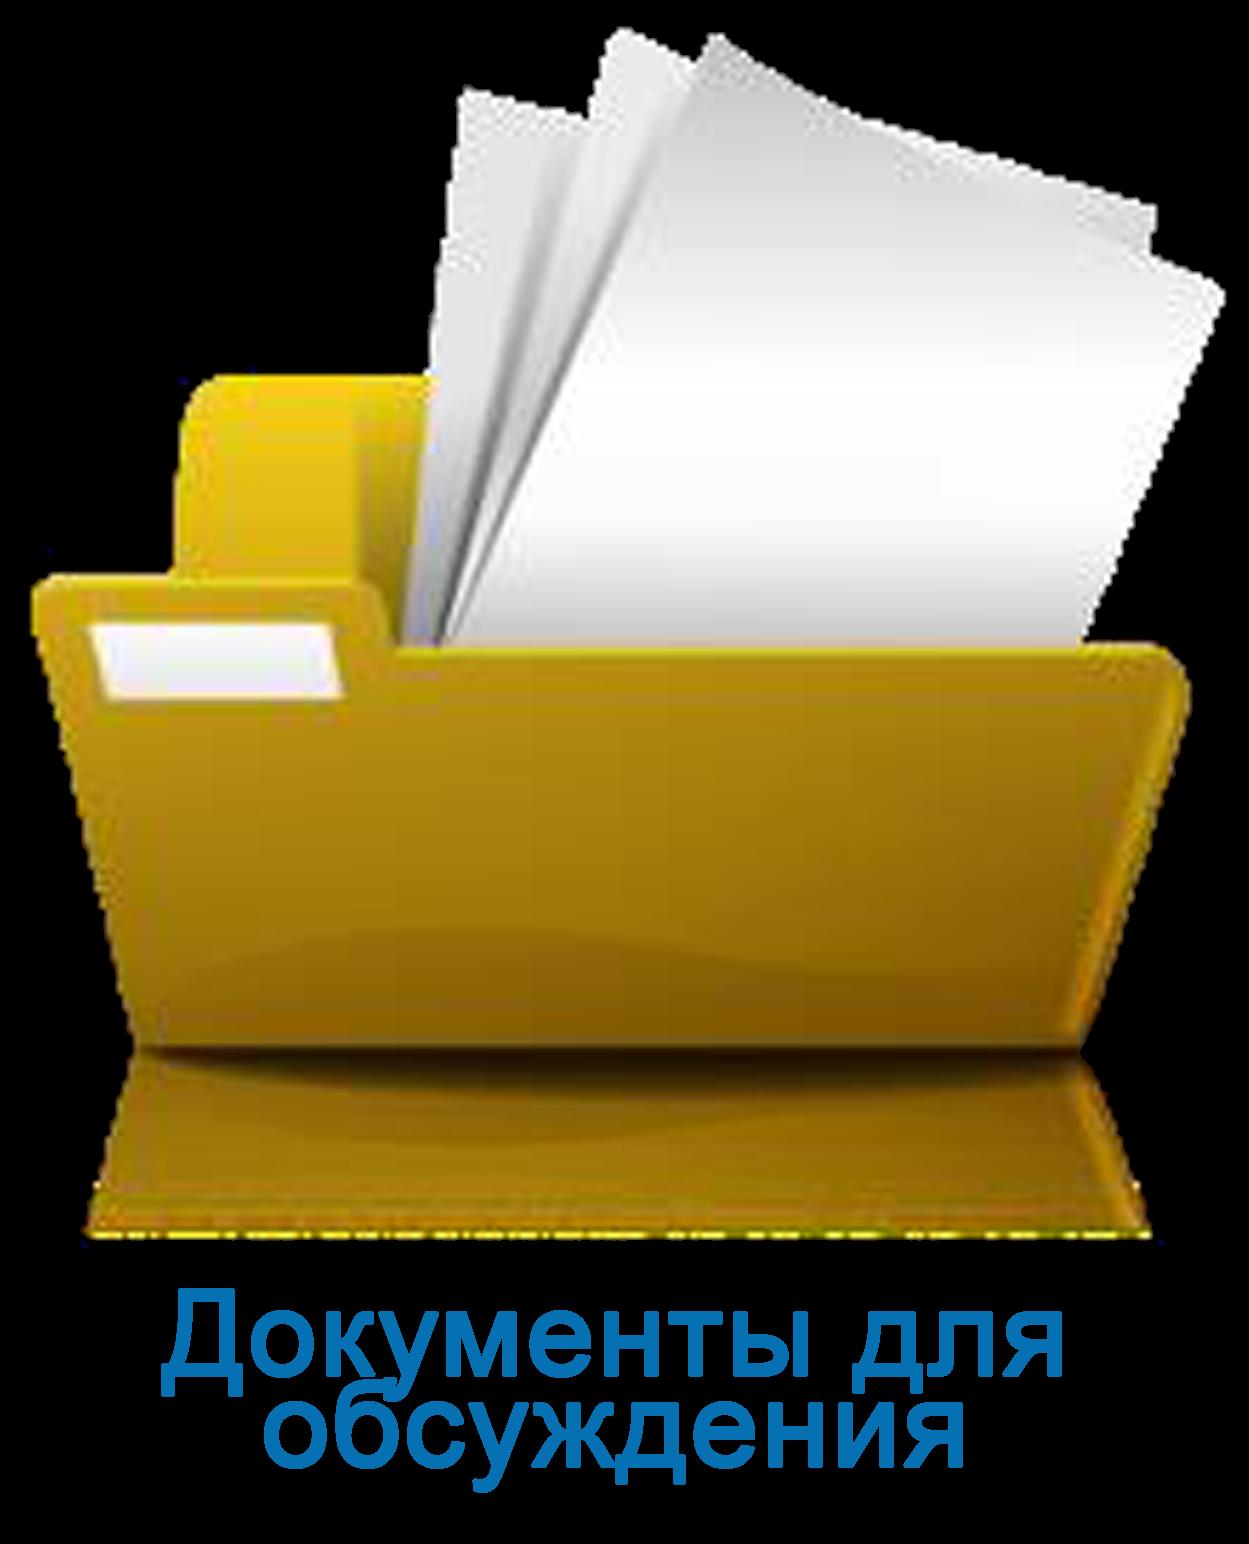 dokumentidlyaobsugdeniya